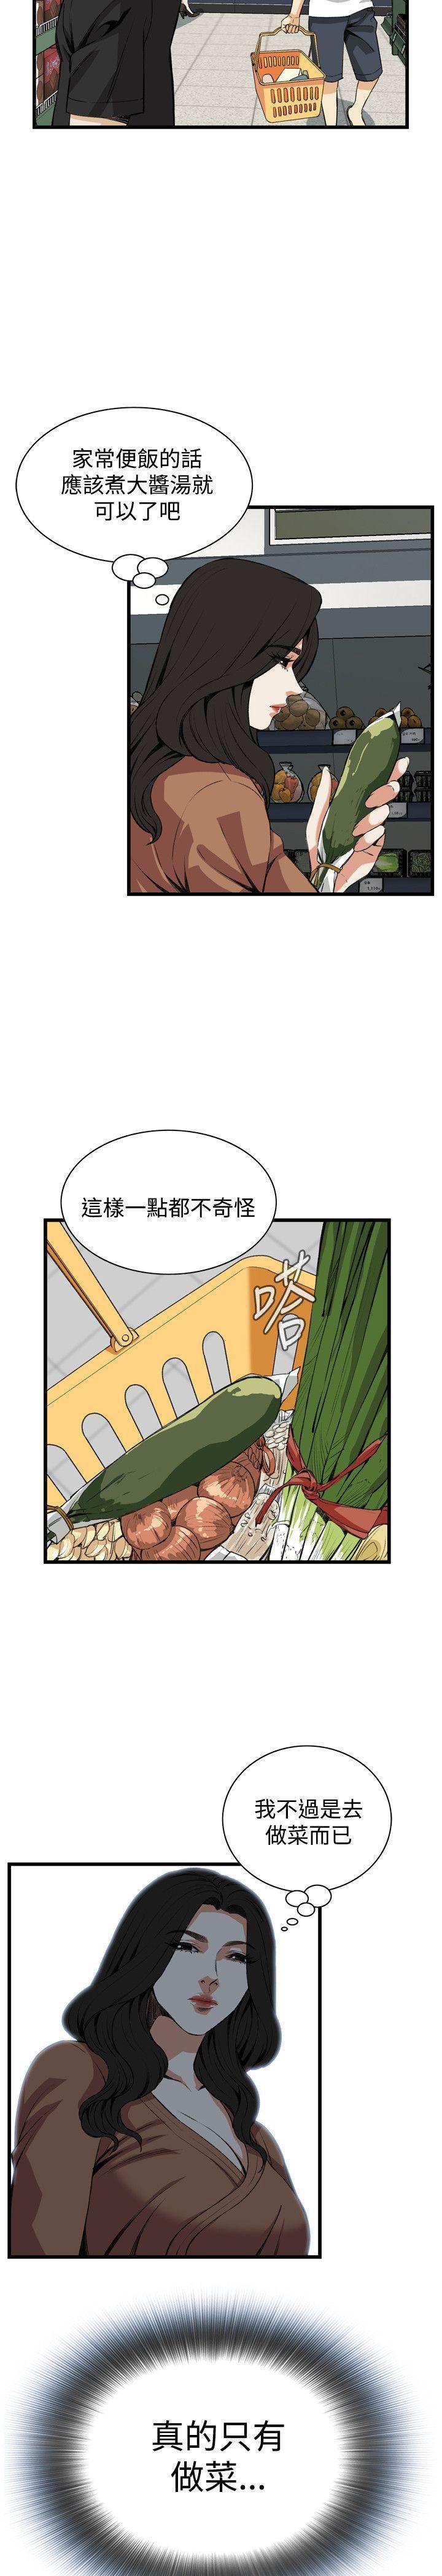 偷窥72-93 Chinese Rsiky 202